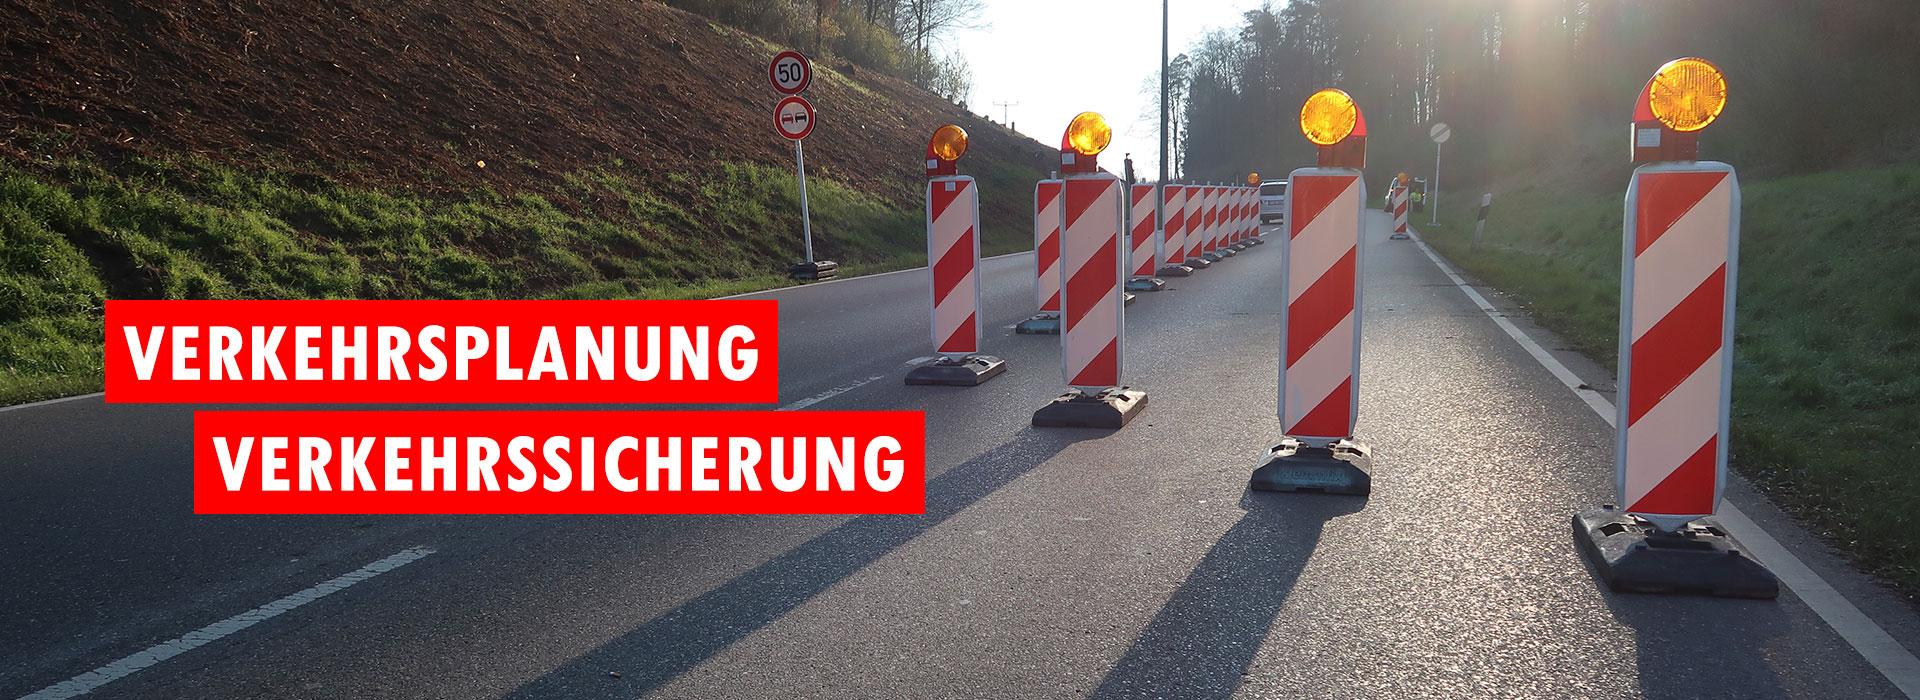 Slide-Verkehrssicherung